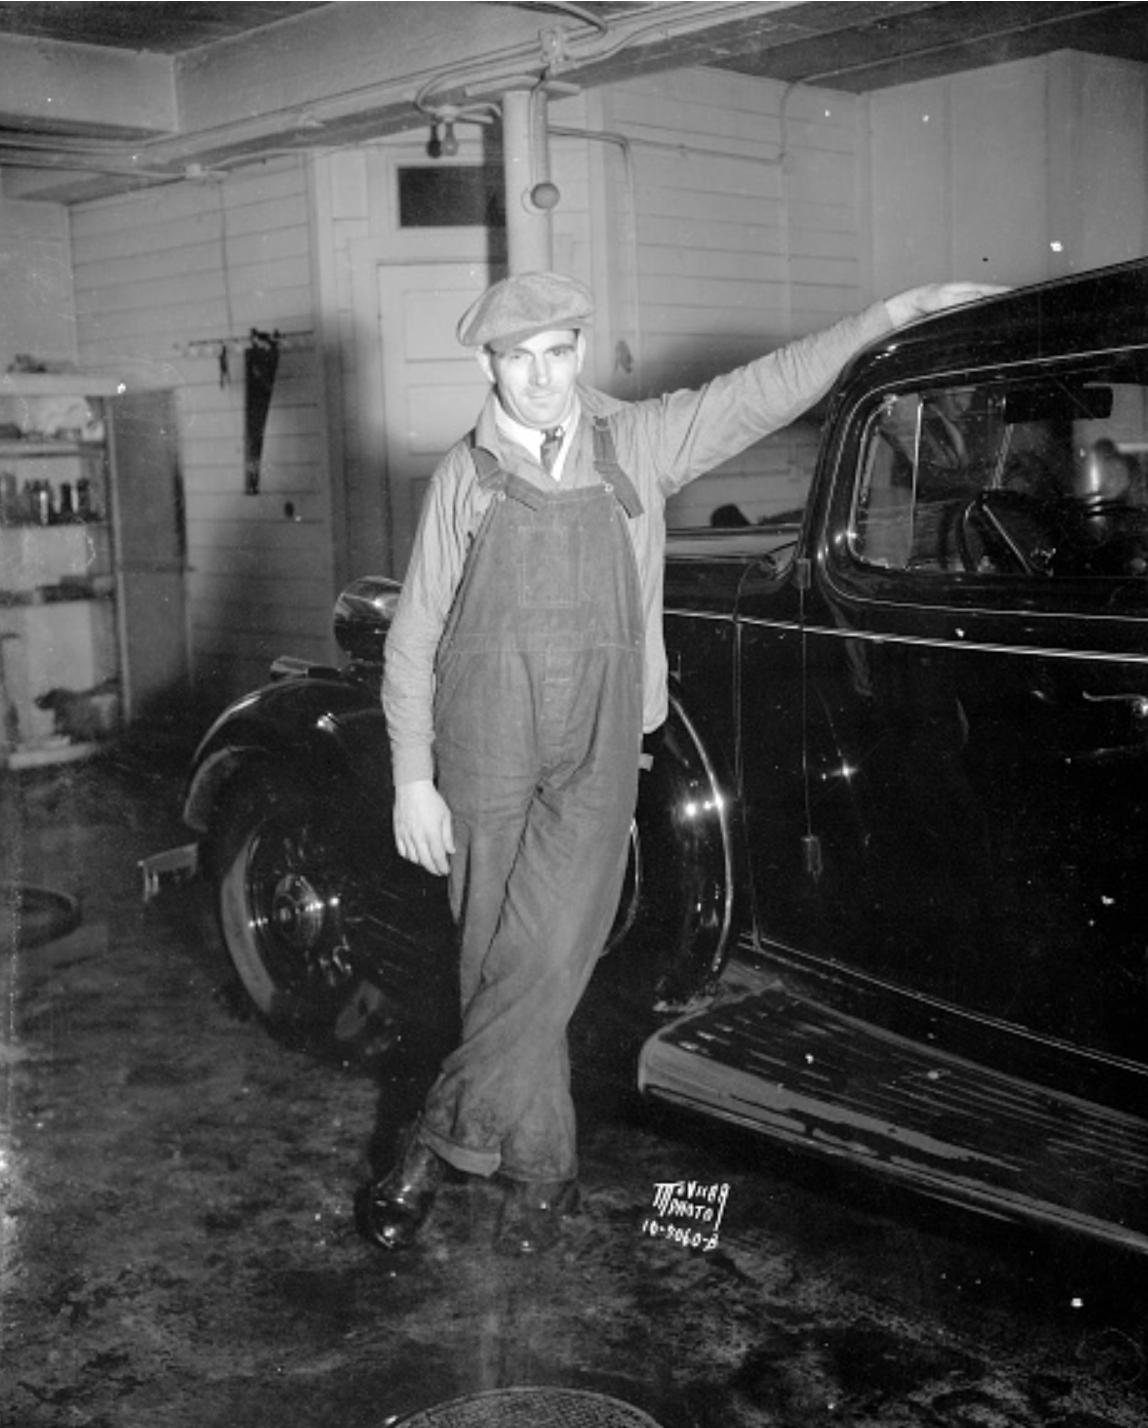 Шофер губернатора Ла Фоллета, Стив Чида, США, Мэдисон, Висконсин, 1935 г.